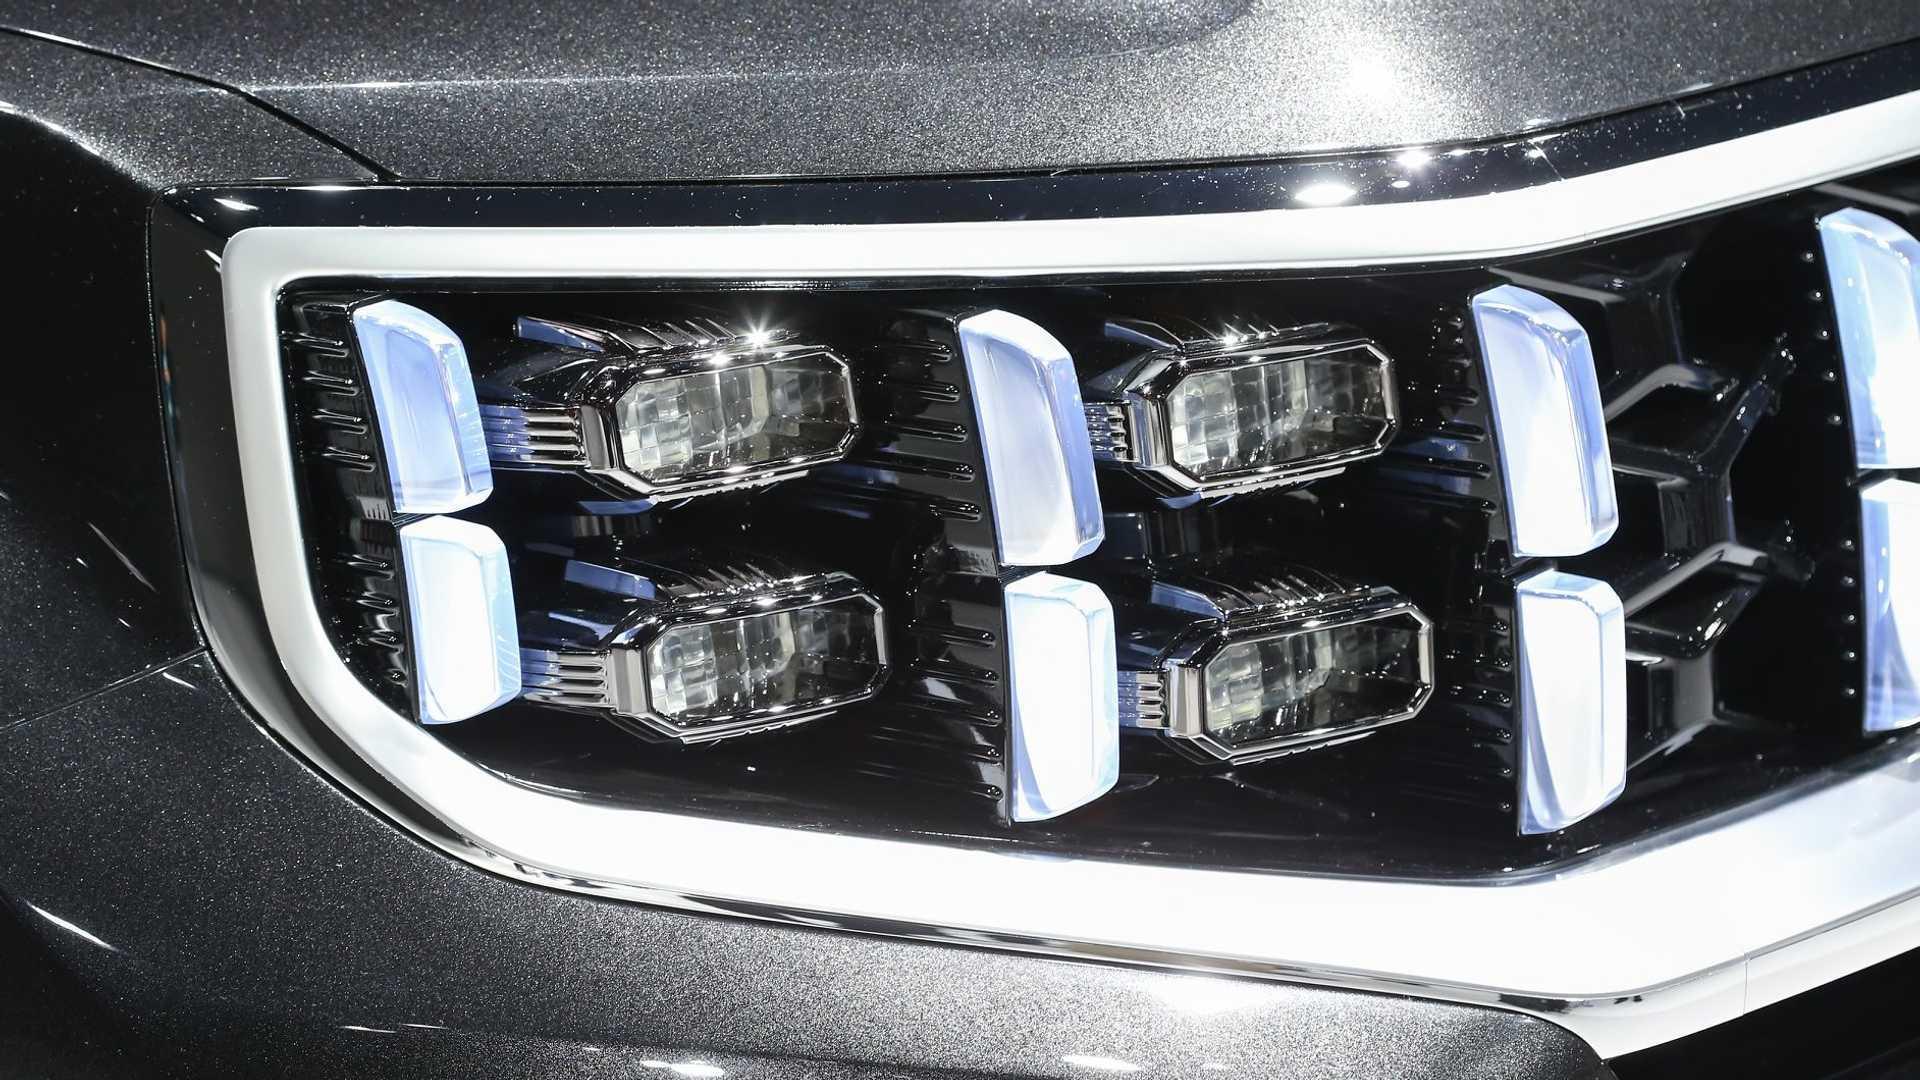 采用四眼LED大灯 起亚发布全新一代霸锐官图